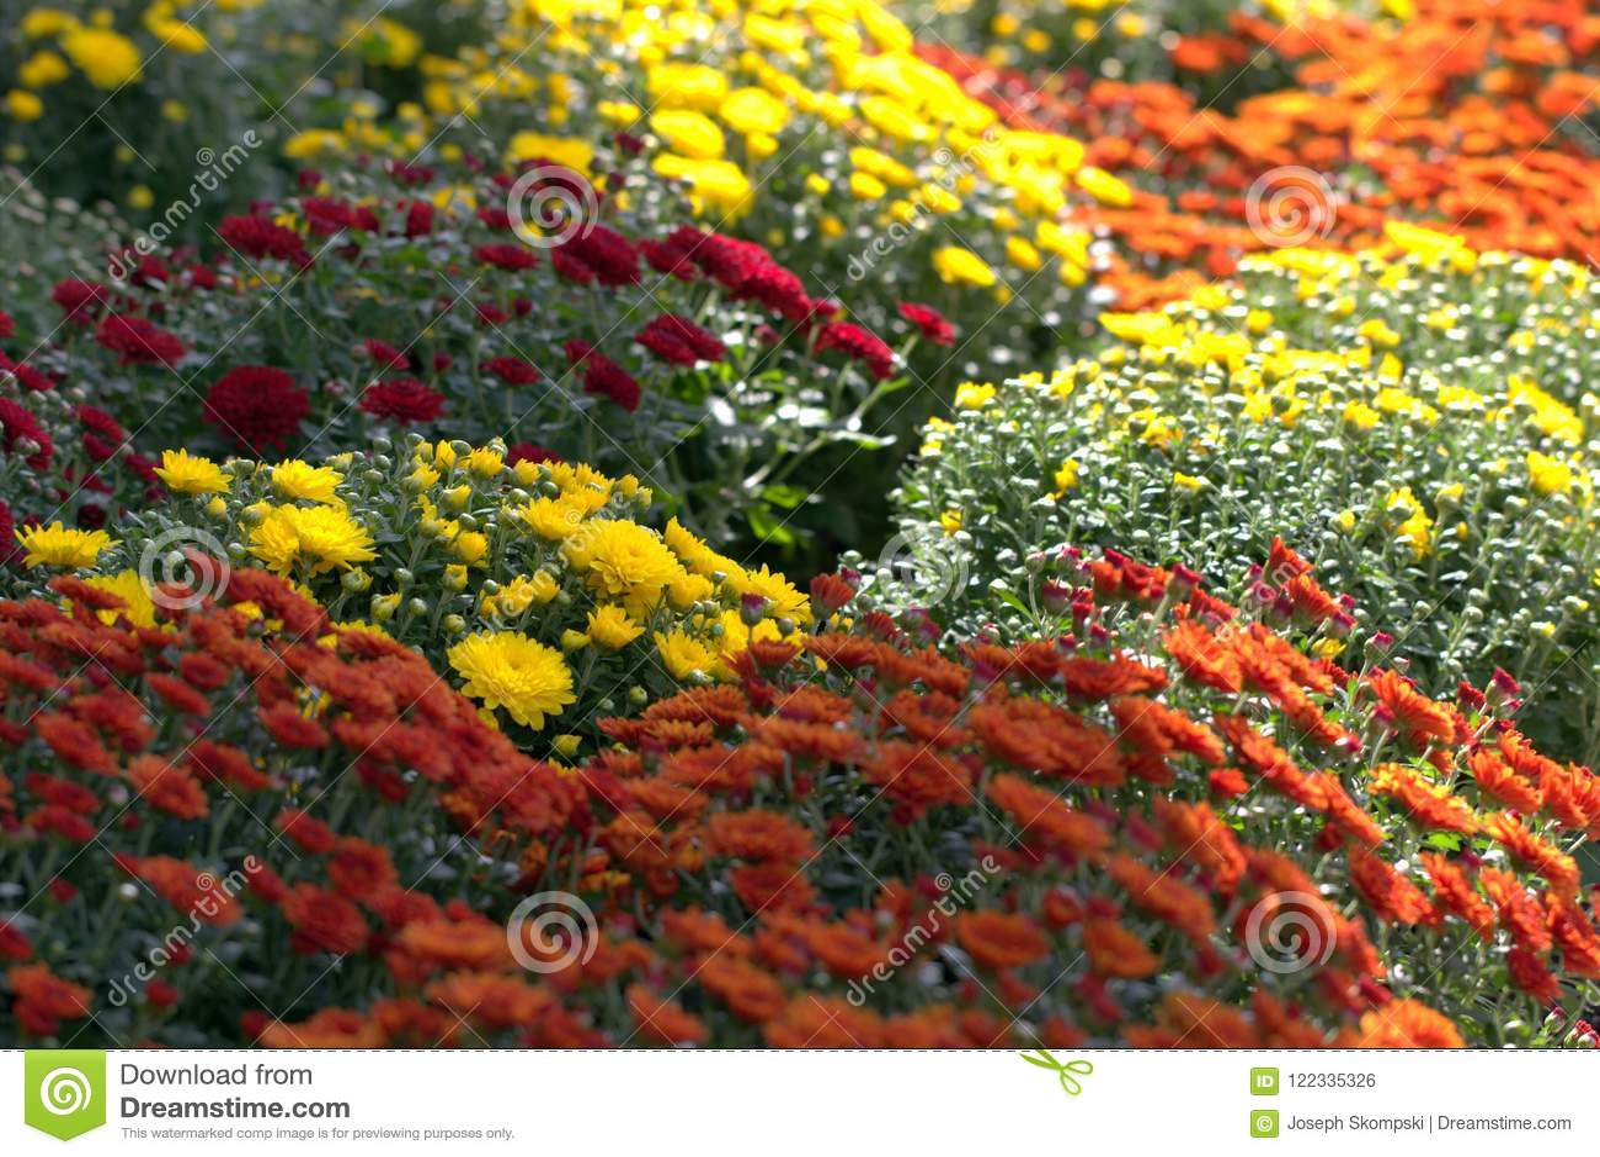 De bloemen van de chrysant